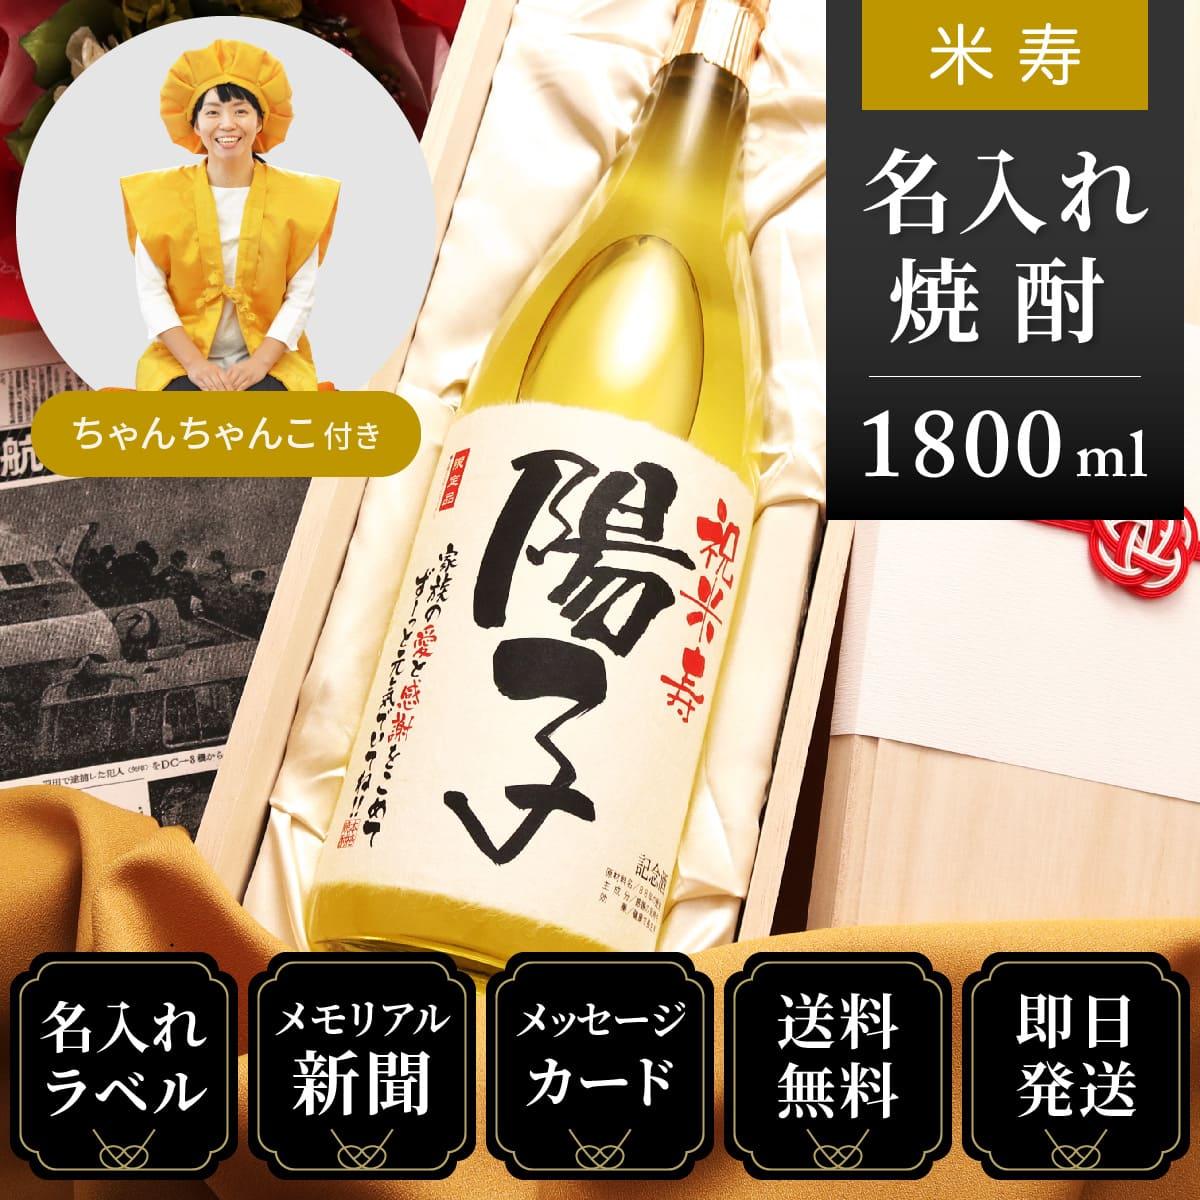 米寿ちゃんちゃんこ(日本製)と黄色瓶セット「華乃萌黄」1800ml(酒粕焼酎)